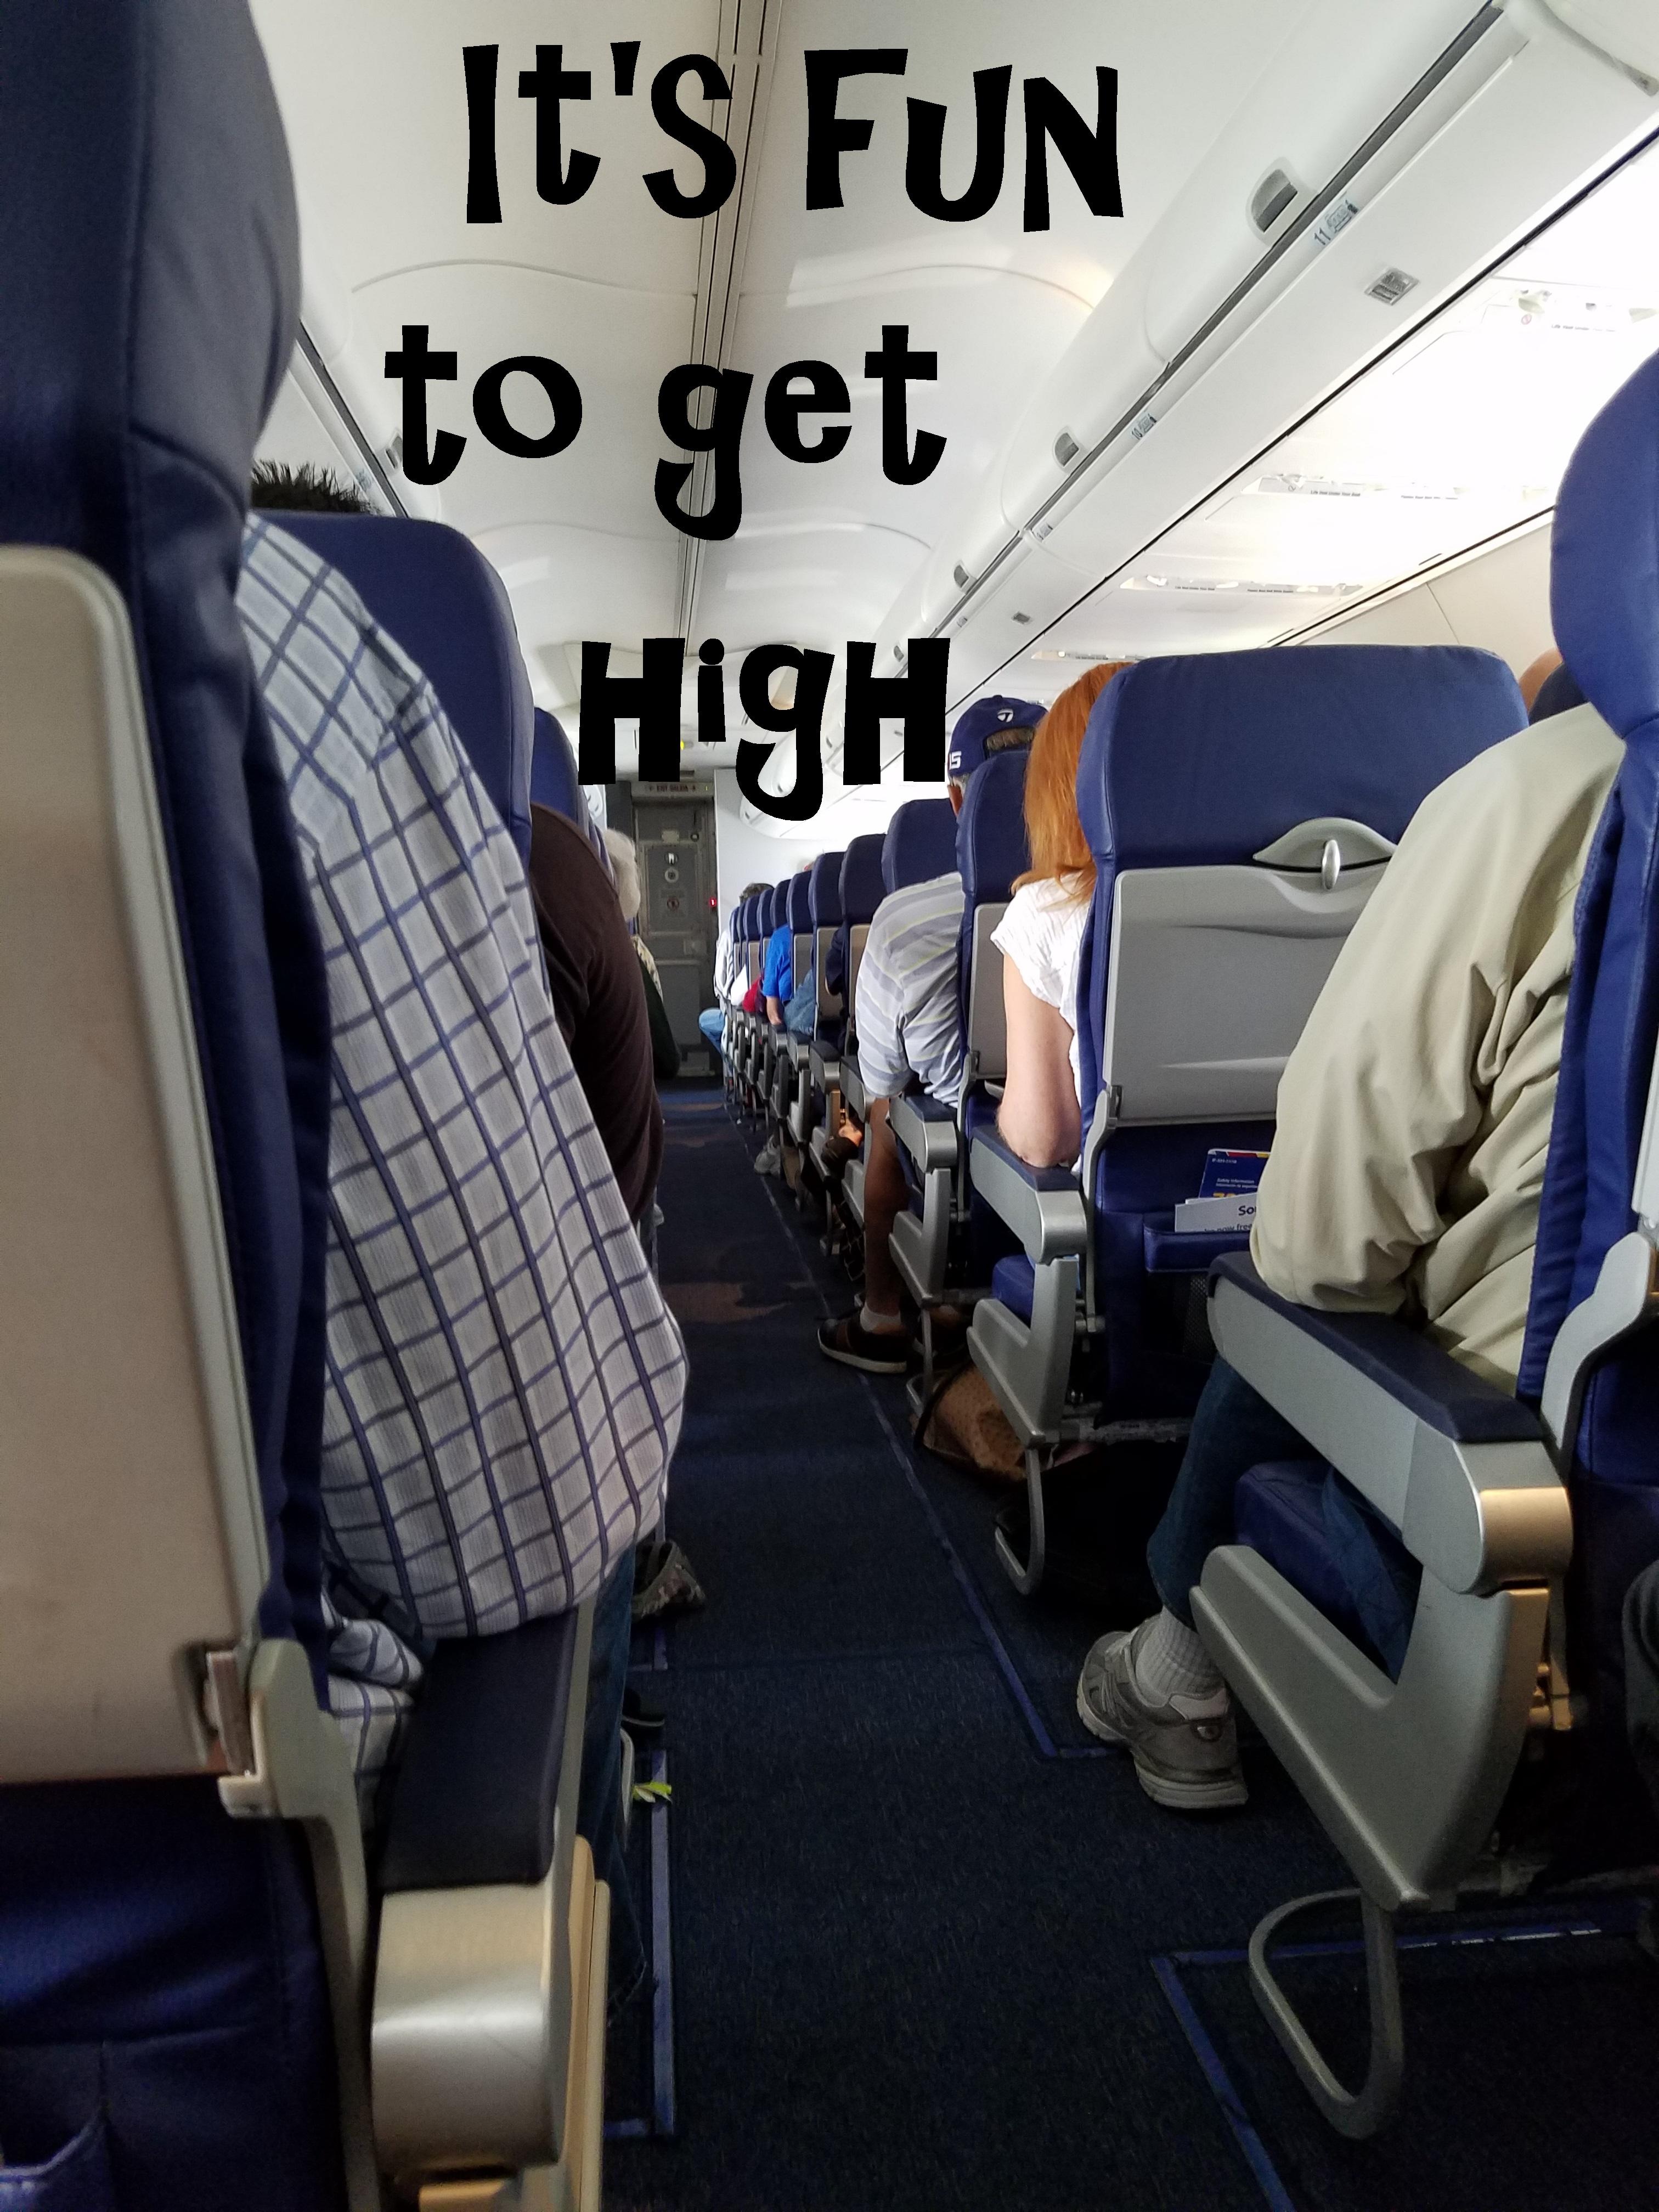 Get_High